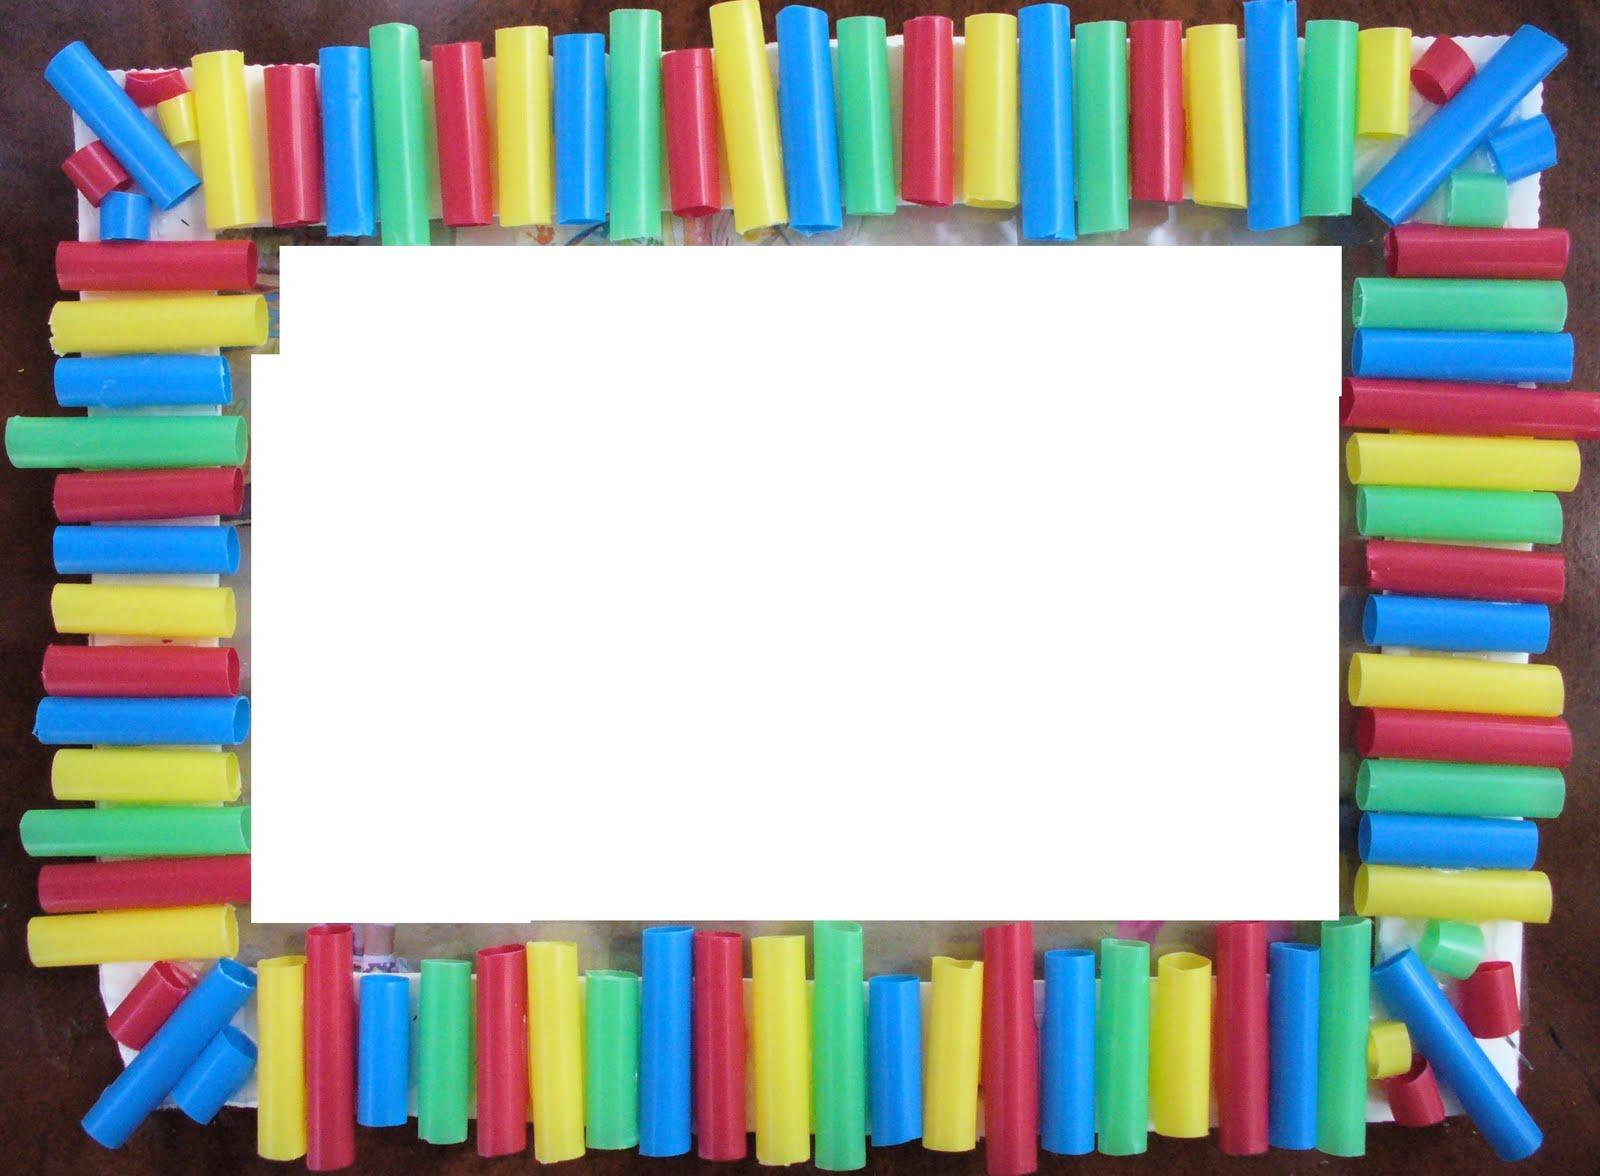 Cornici Colorate Per Foto sofia della libera - scintille d' arte e immagine: lavoretti